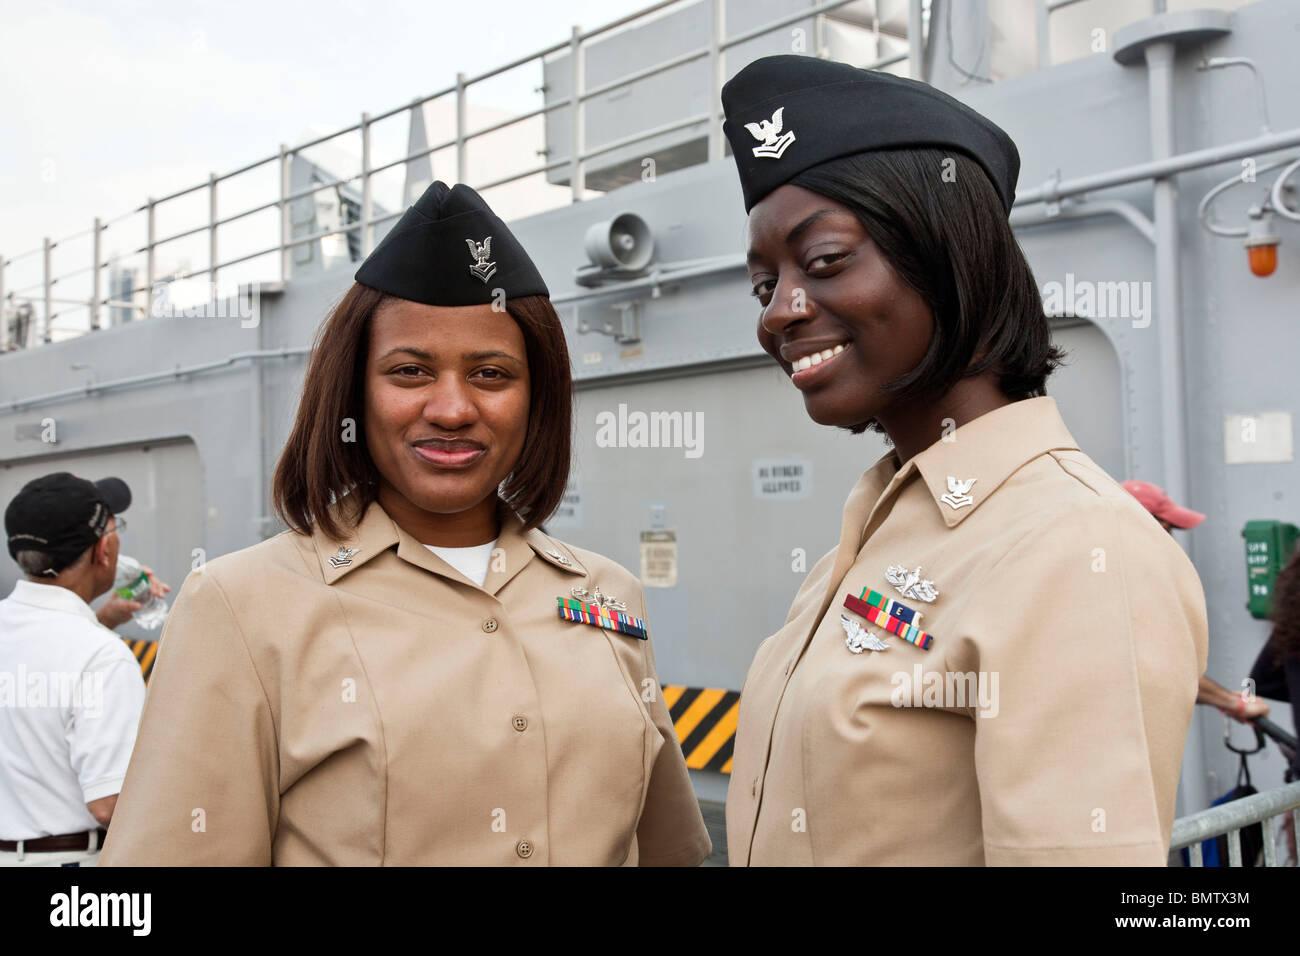 Deux jeunes femmes noir fier nouveau port de l 39 uniforme de l 39 us marine corps sur le pont de l - Magie corps coupe en deux ...